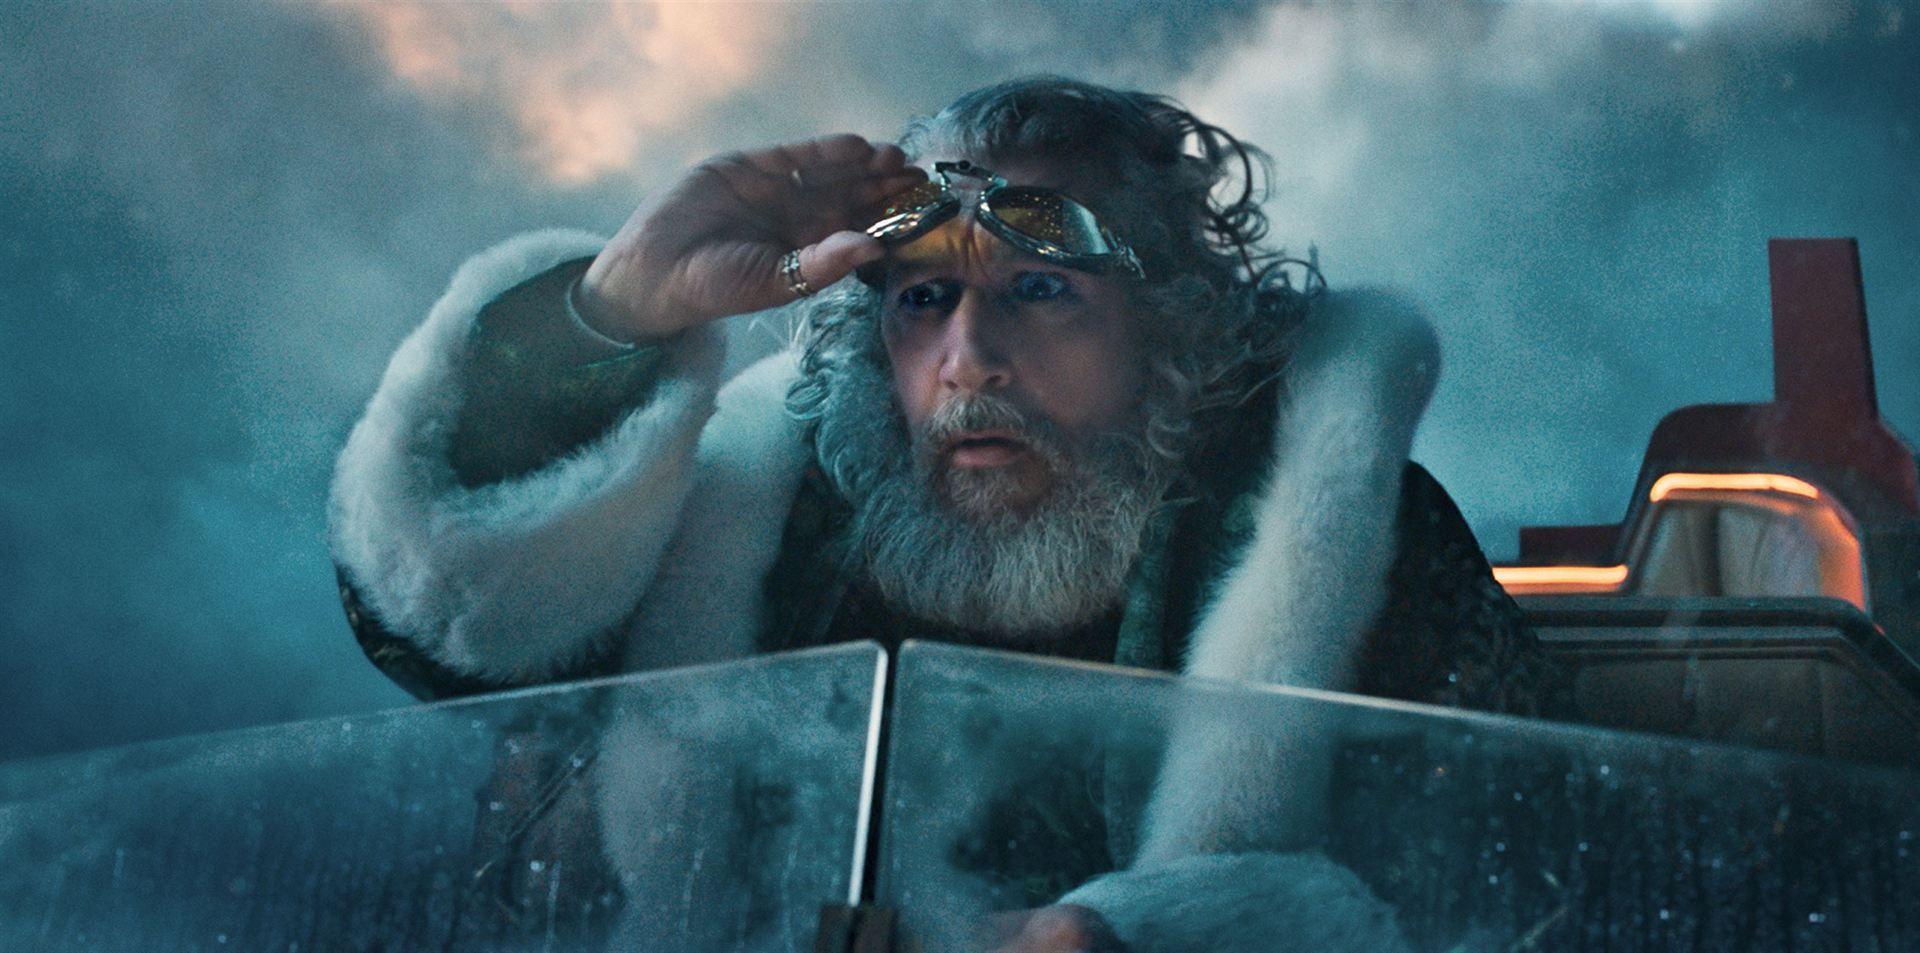 Santa et cie : un film de Noël complètement barré